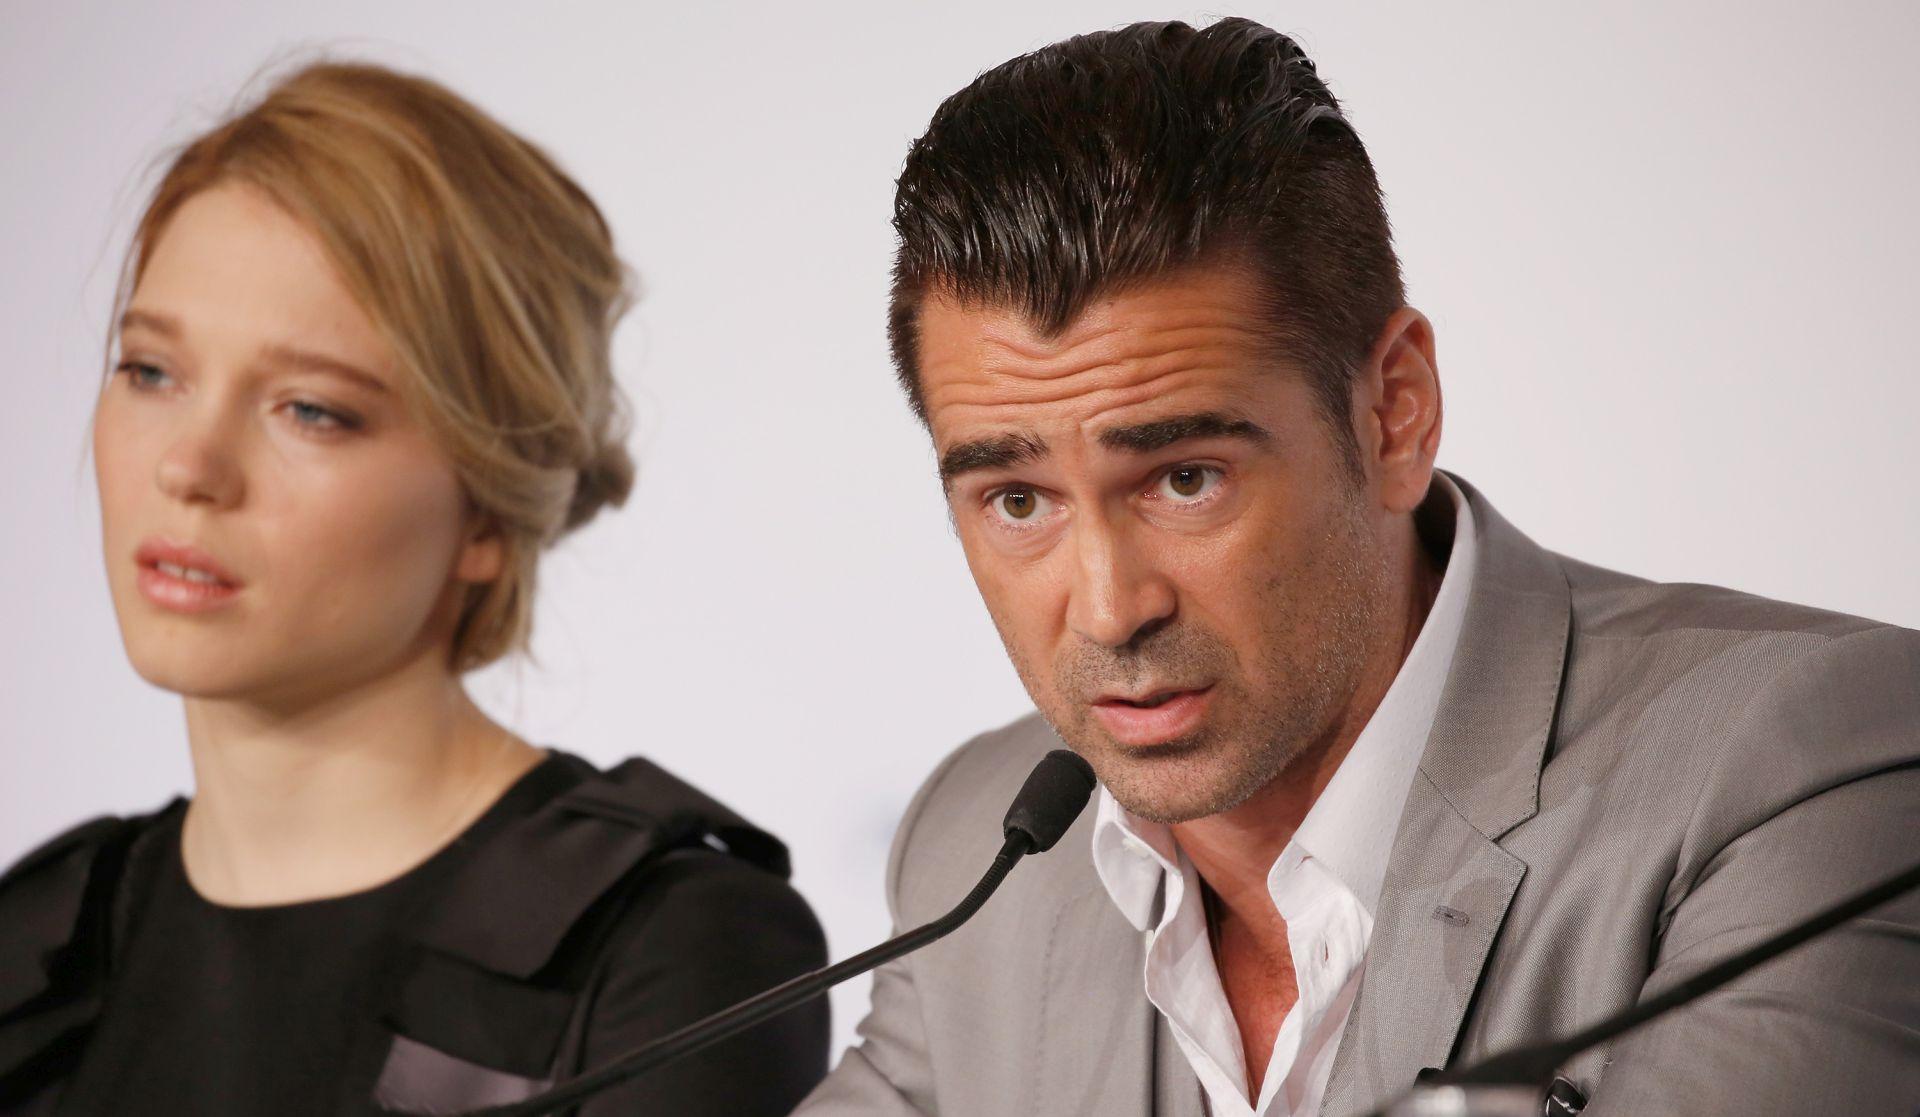 CANNES, 3. DAN: Colin Farrell ne razumije film u kojem glumi